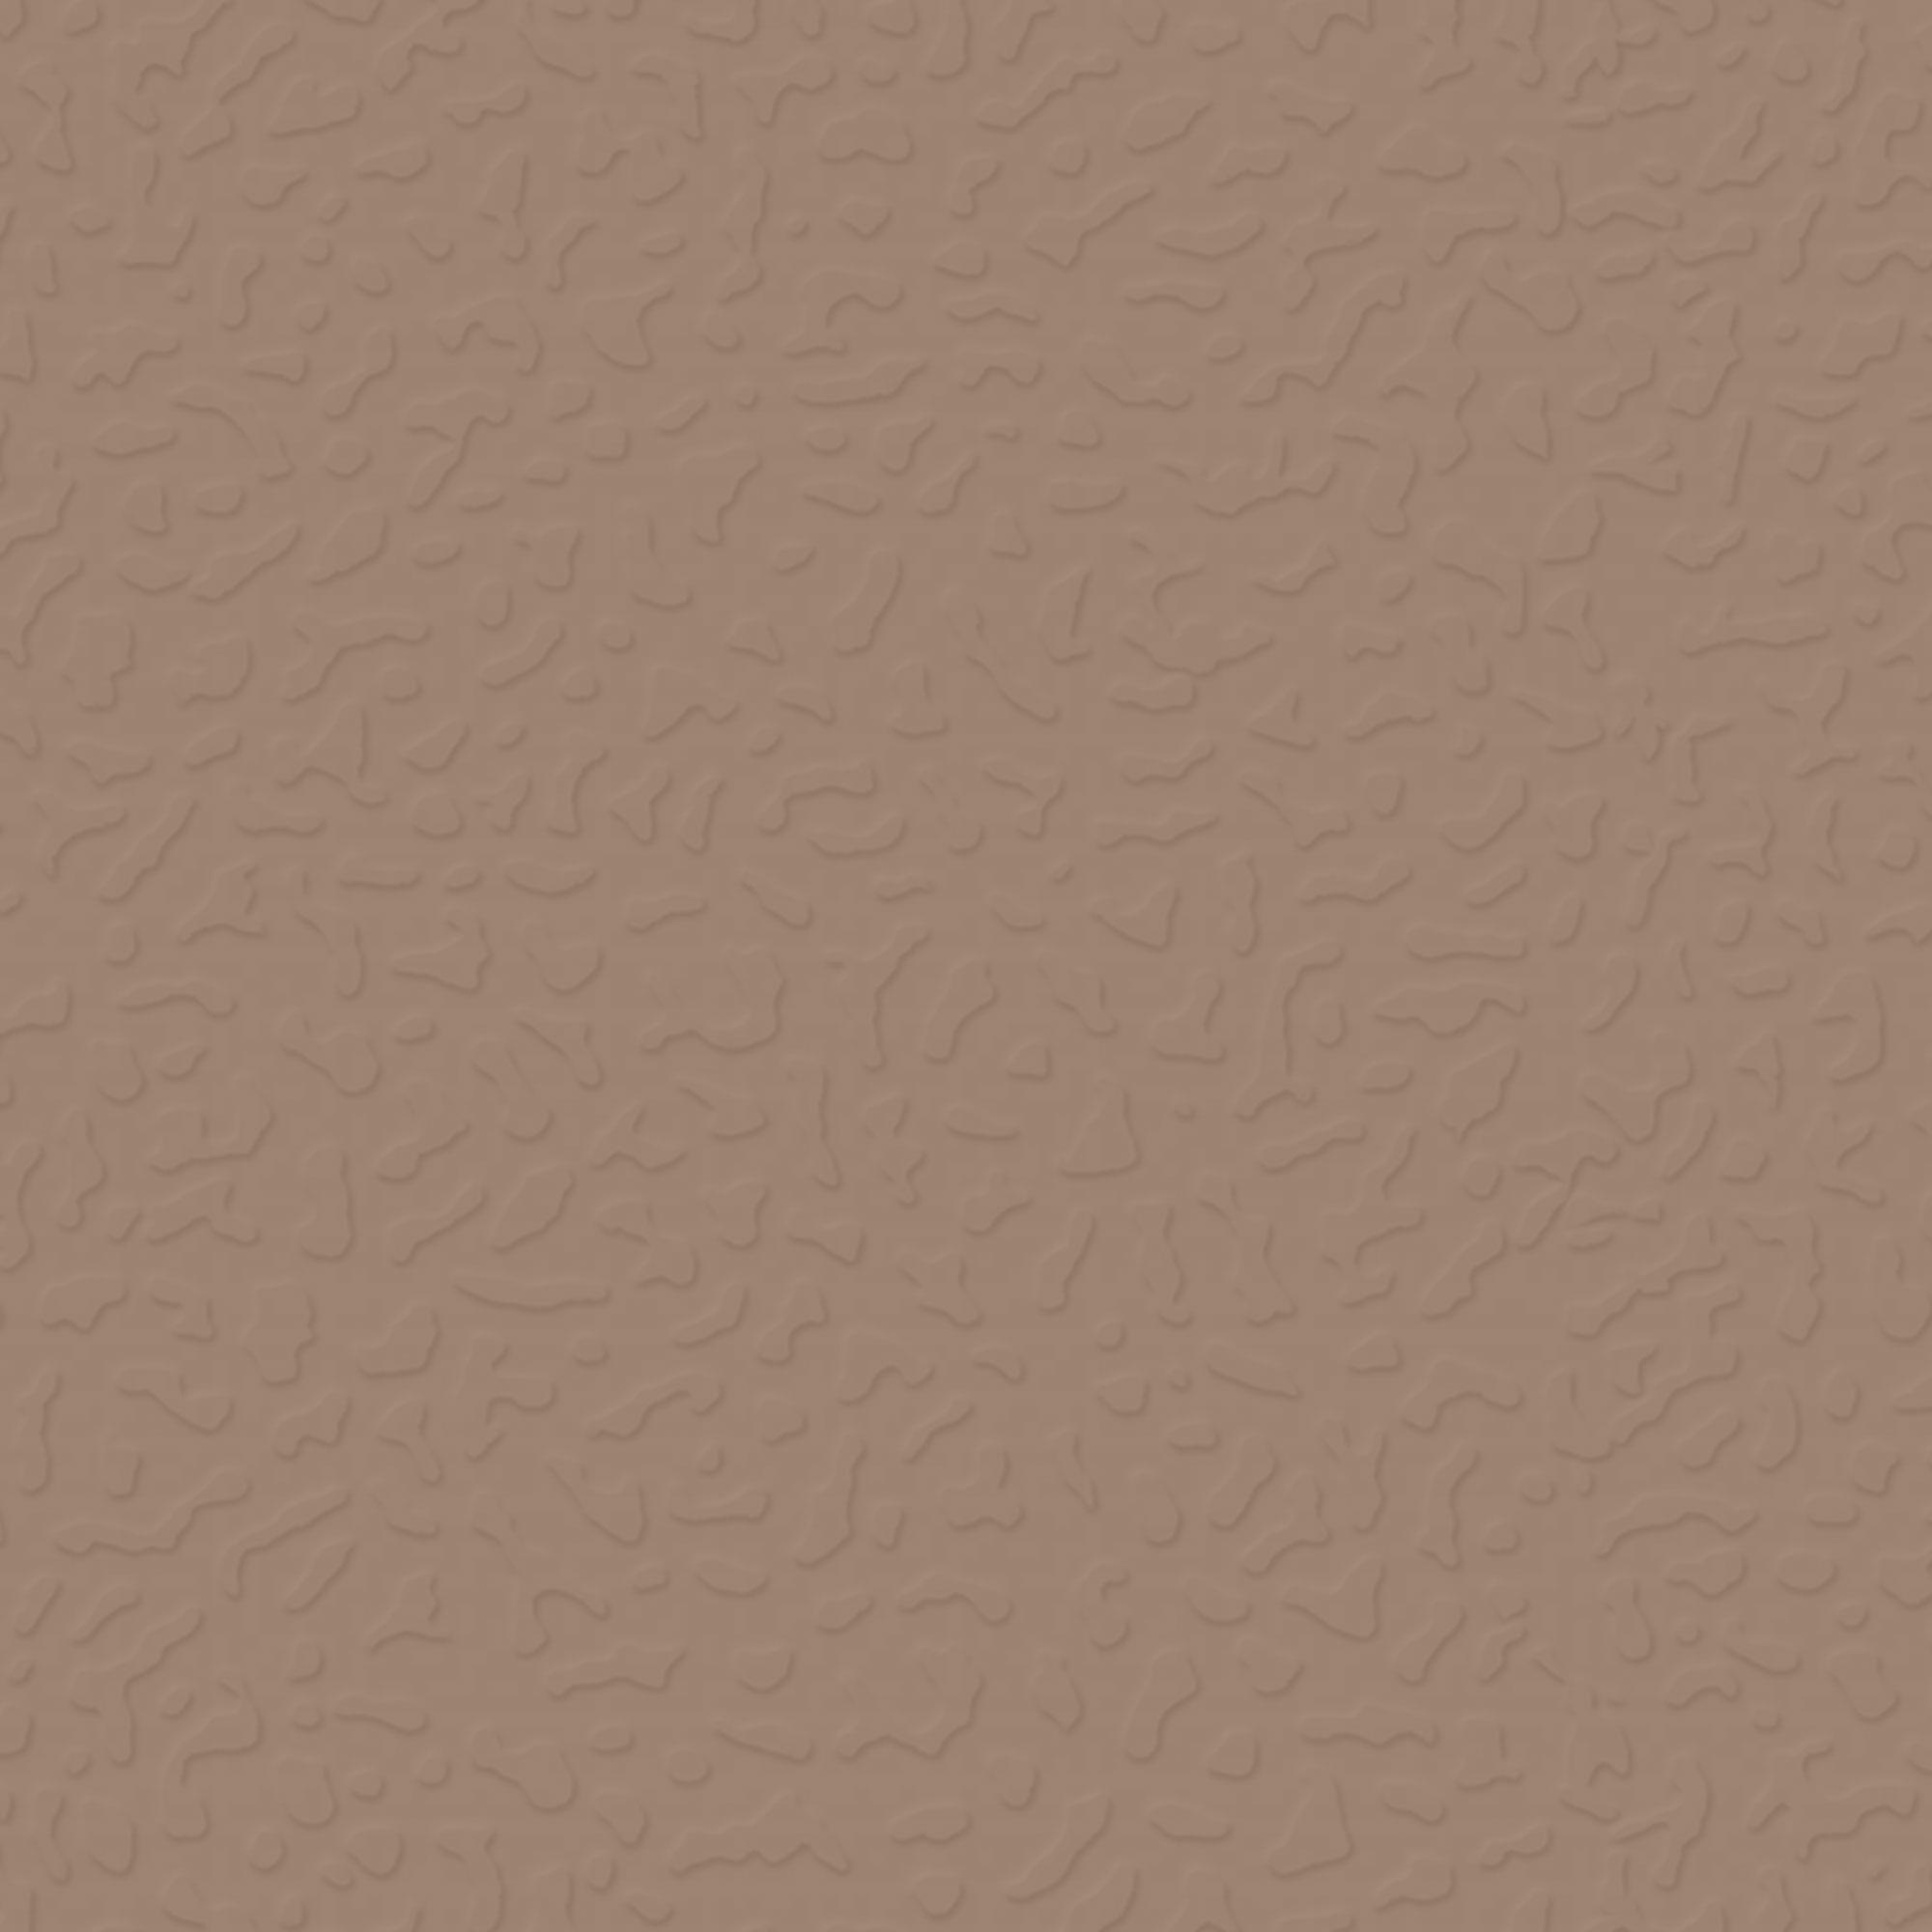 Roppe Rubber Tile 900 - Textured Design (993) Buckskin Rubber Flooring